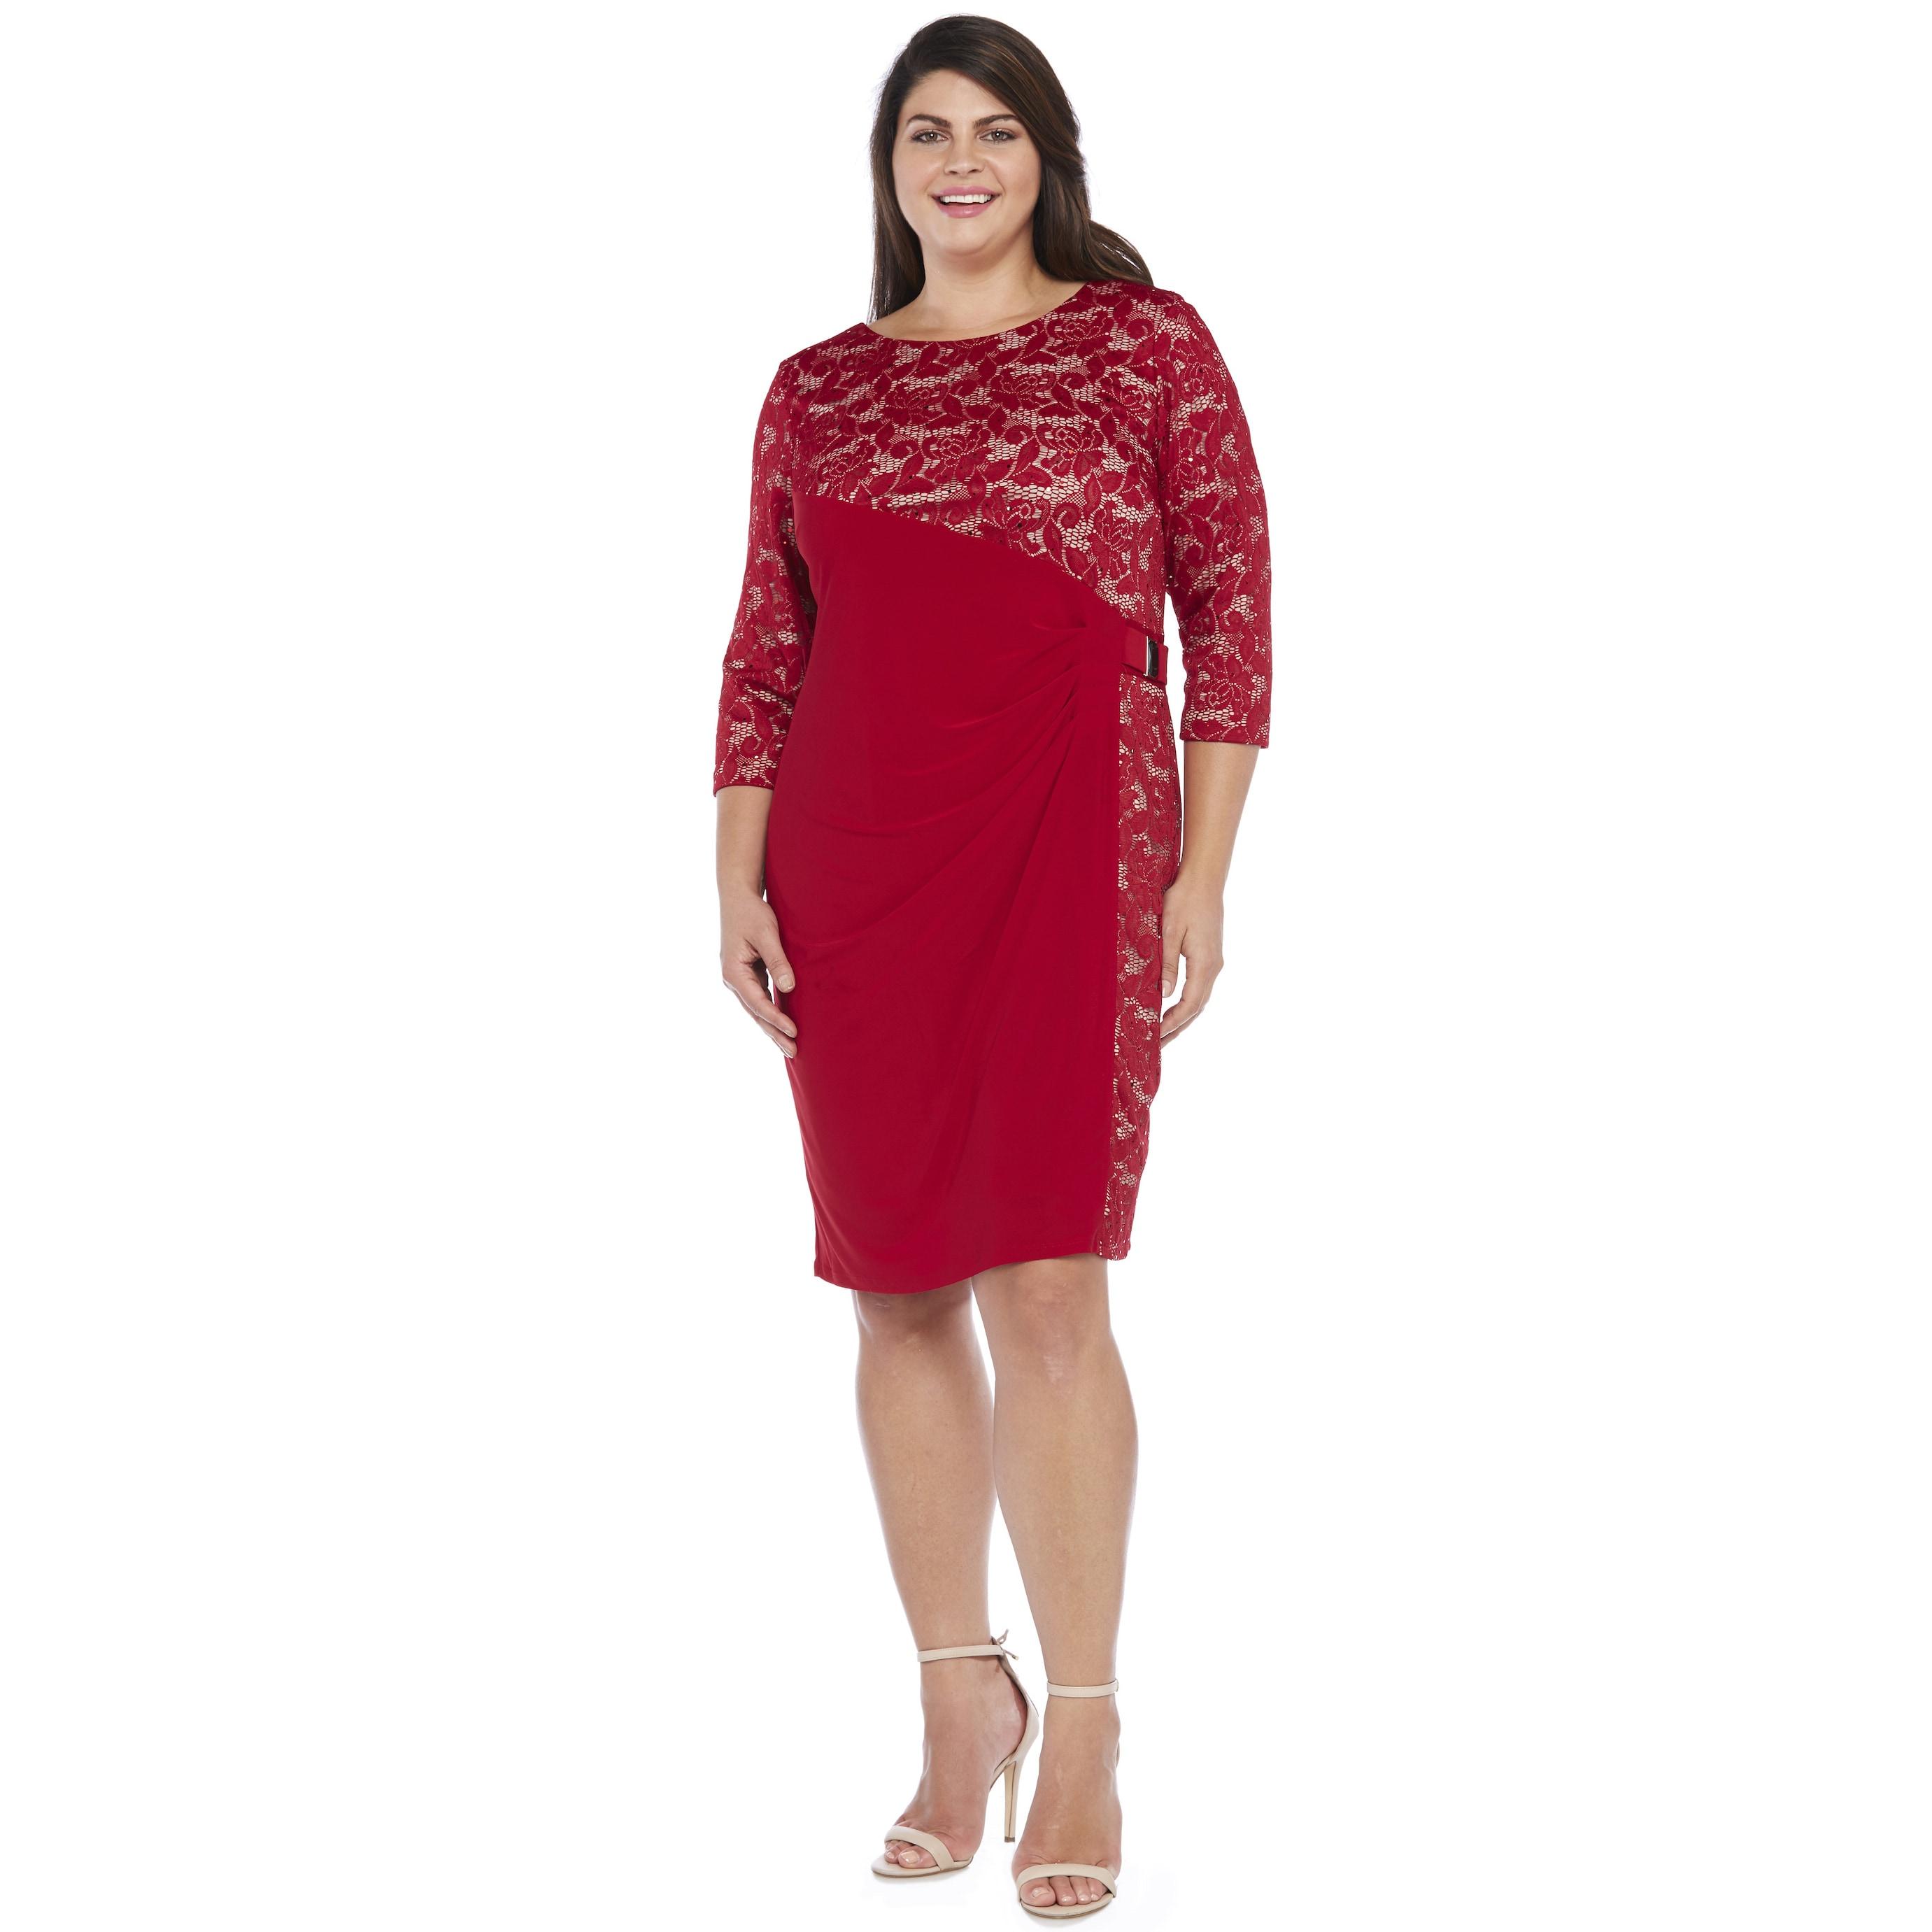 R&M Richards Women's Plus Size Side Panel Lace Dress